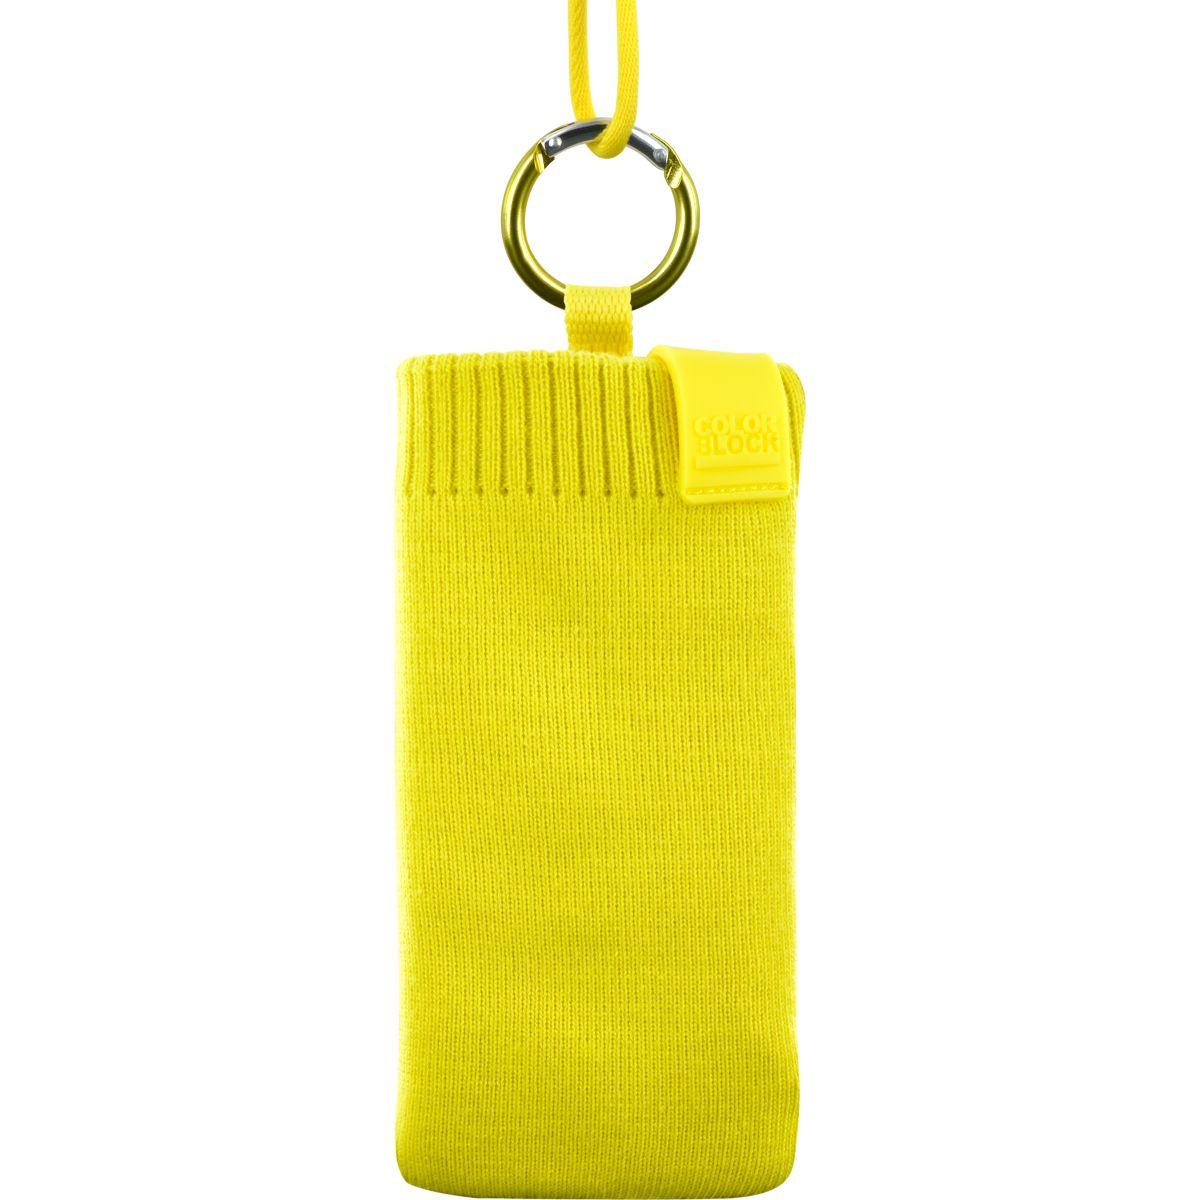 Chaussette color block solar - 7% de remise immédiate avec le code : multi7 (photo)